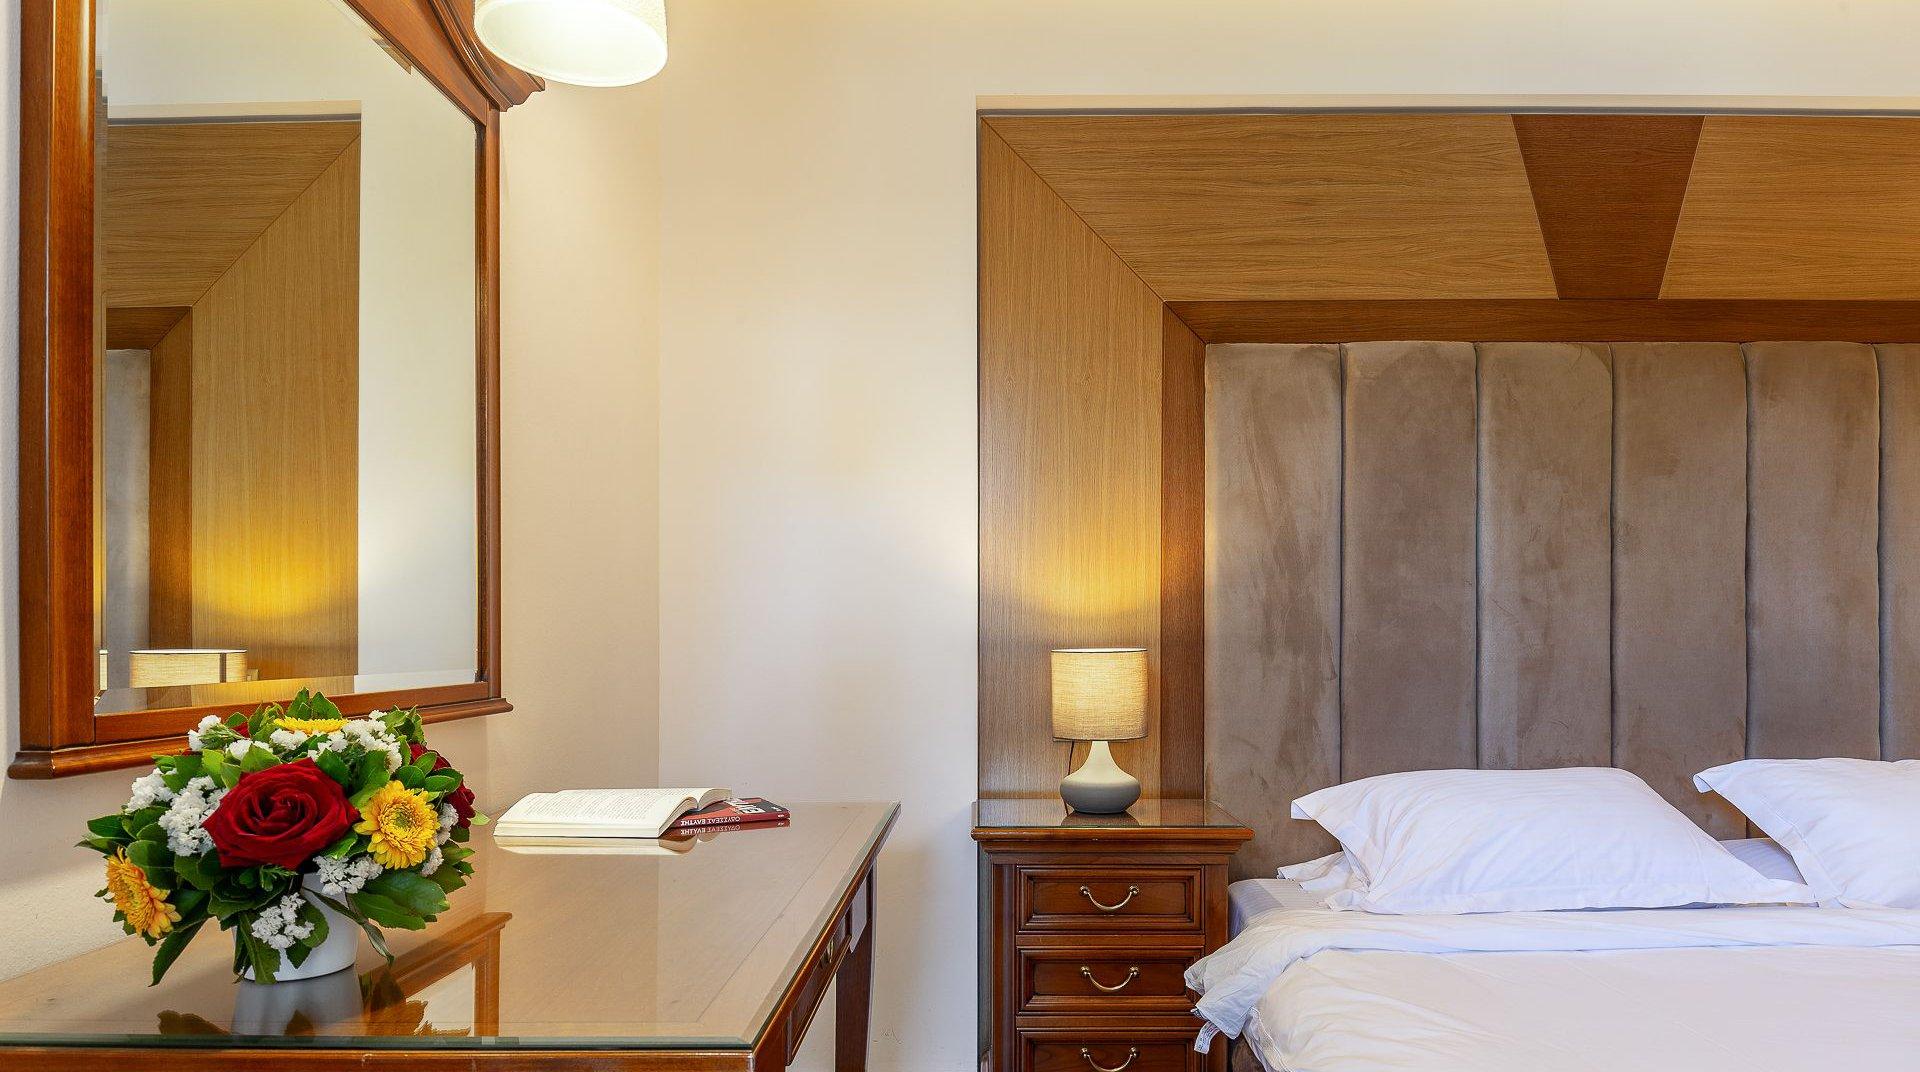 Το κρεβάτι του δωματίου με το γραφείο και τον καθρέφτη